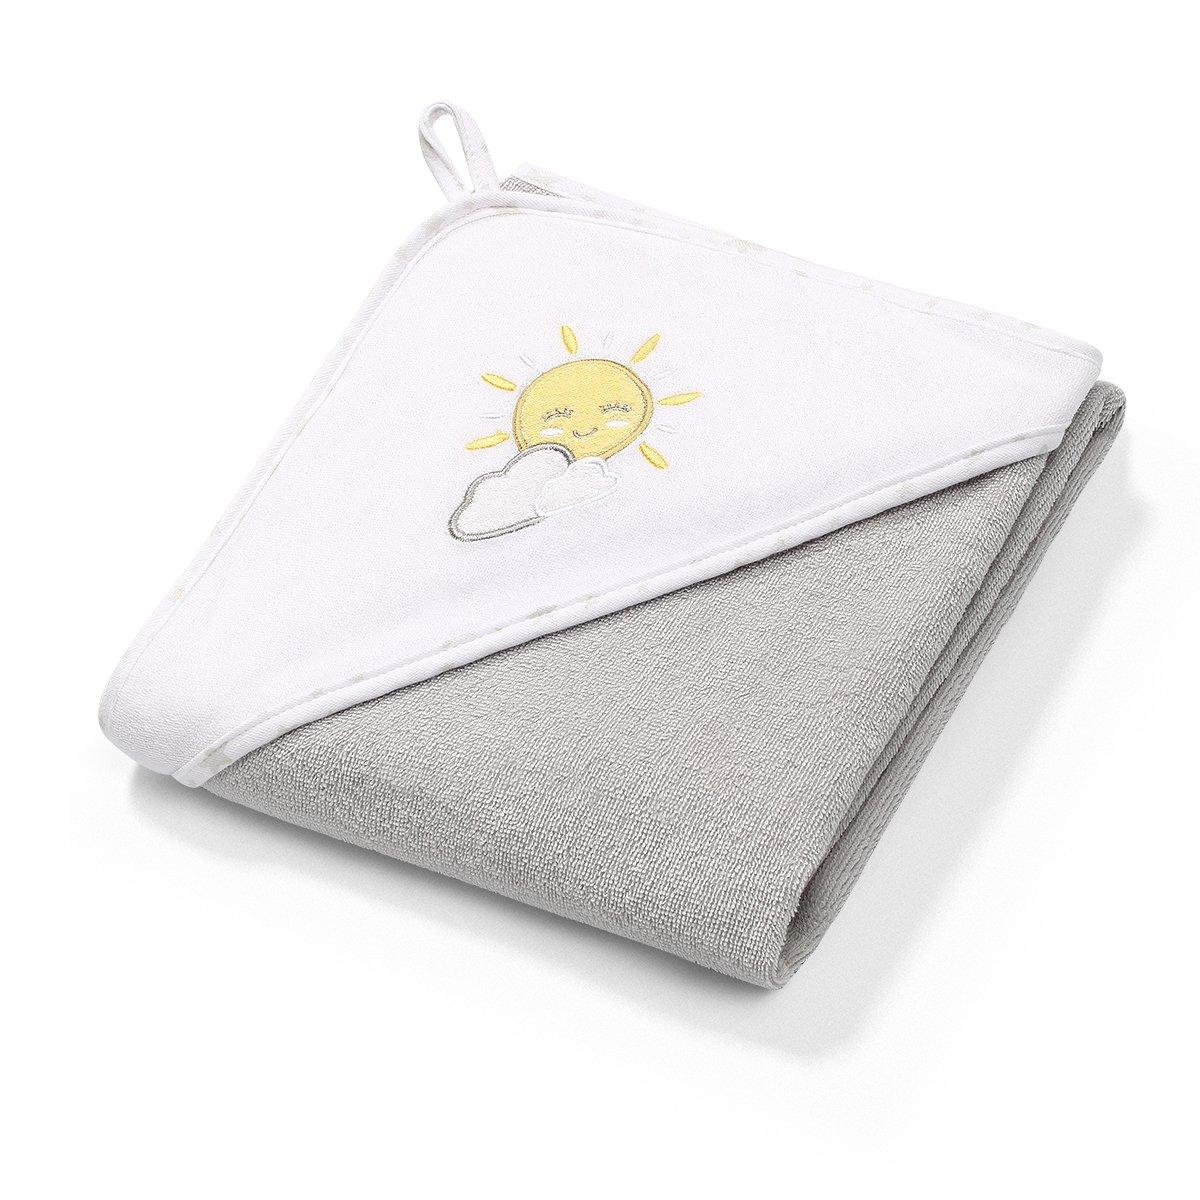 Osuška s kapucí sluníèko FROTTE 100x100 cm šedá - zvìtšit obrázek